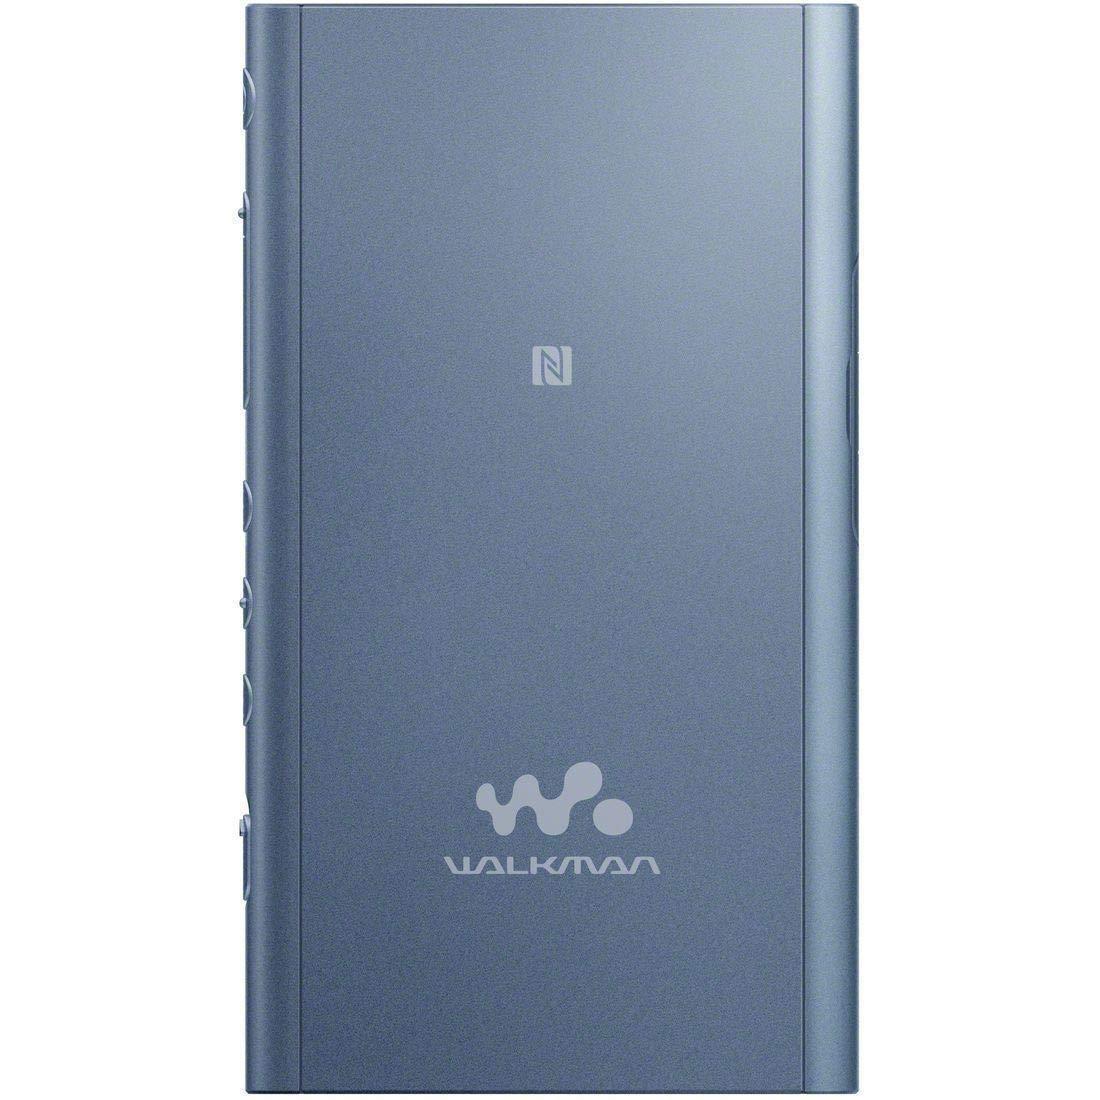 Sony Walkman NW-A55HNL купить в Sony Centre Воронеж